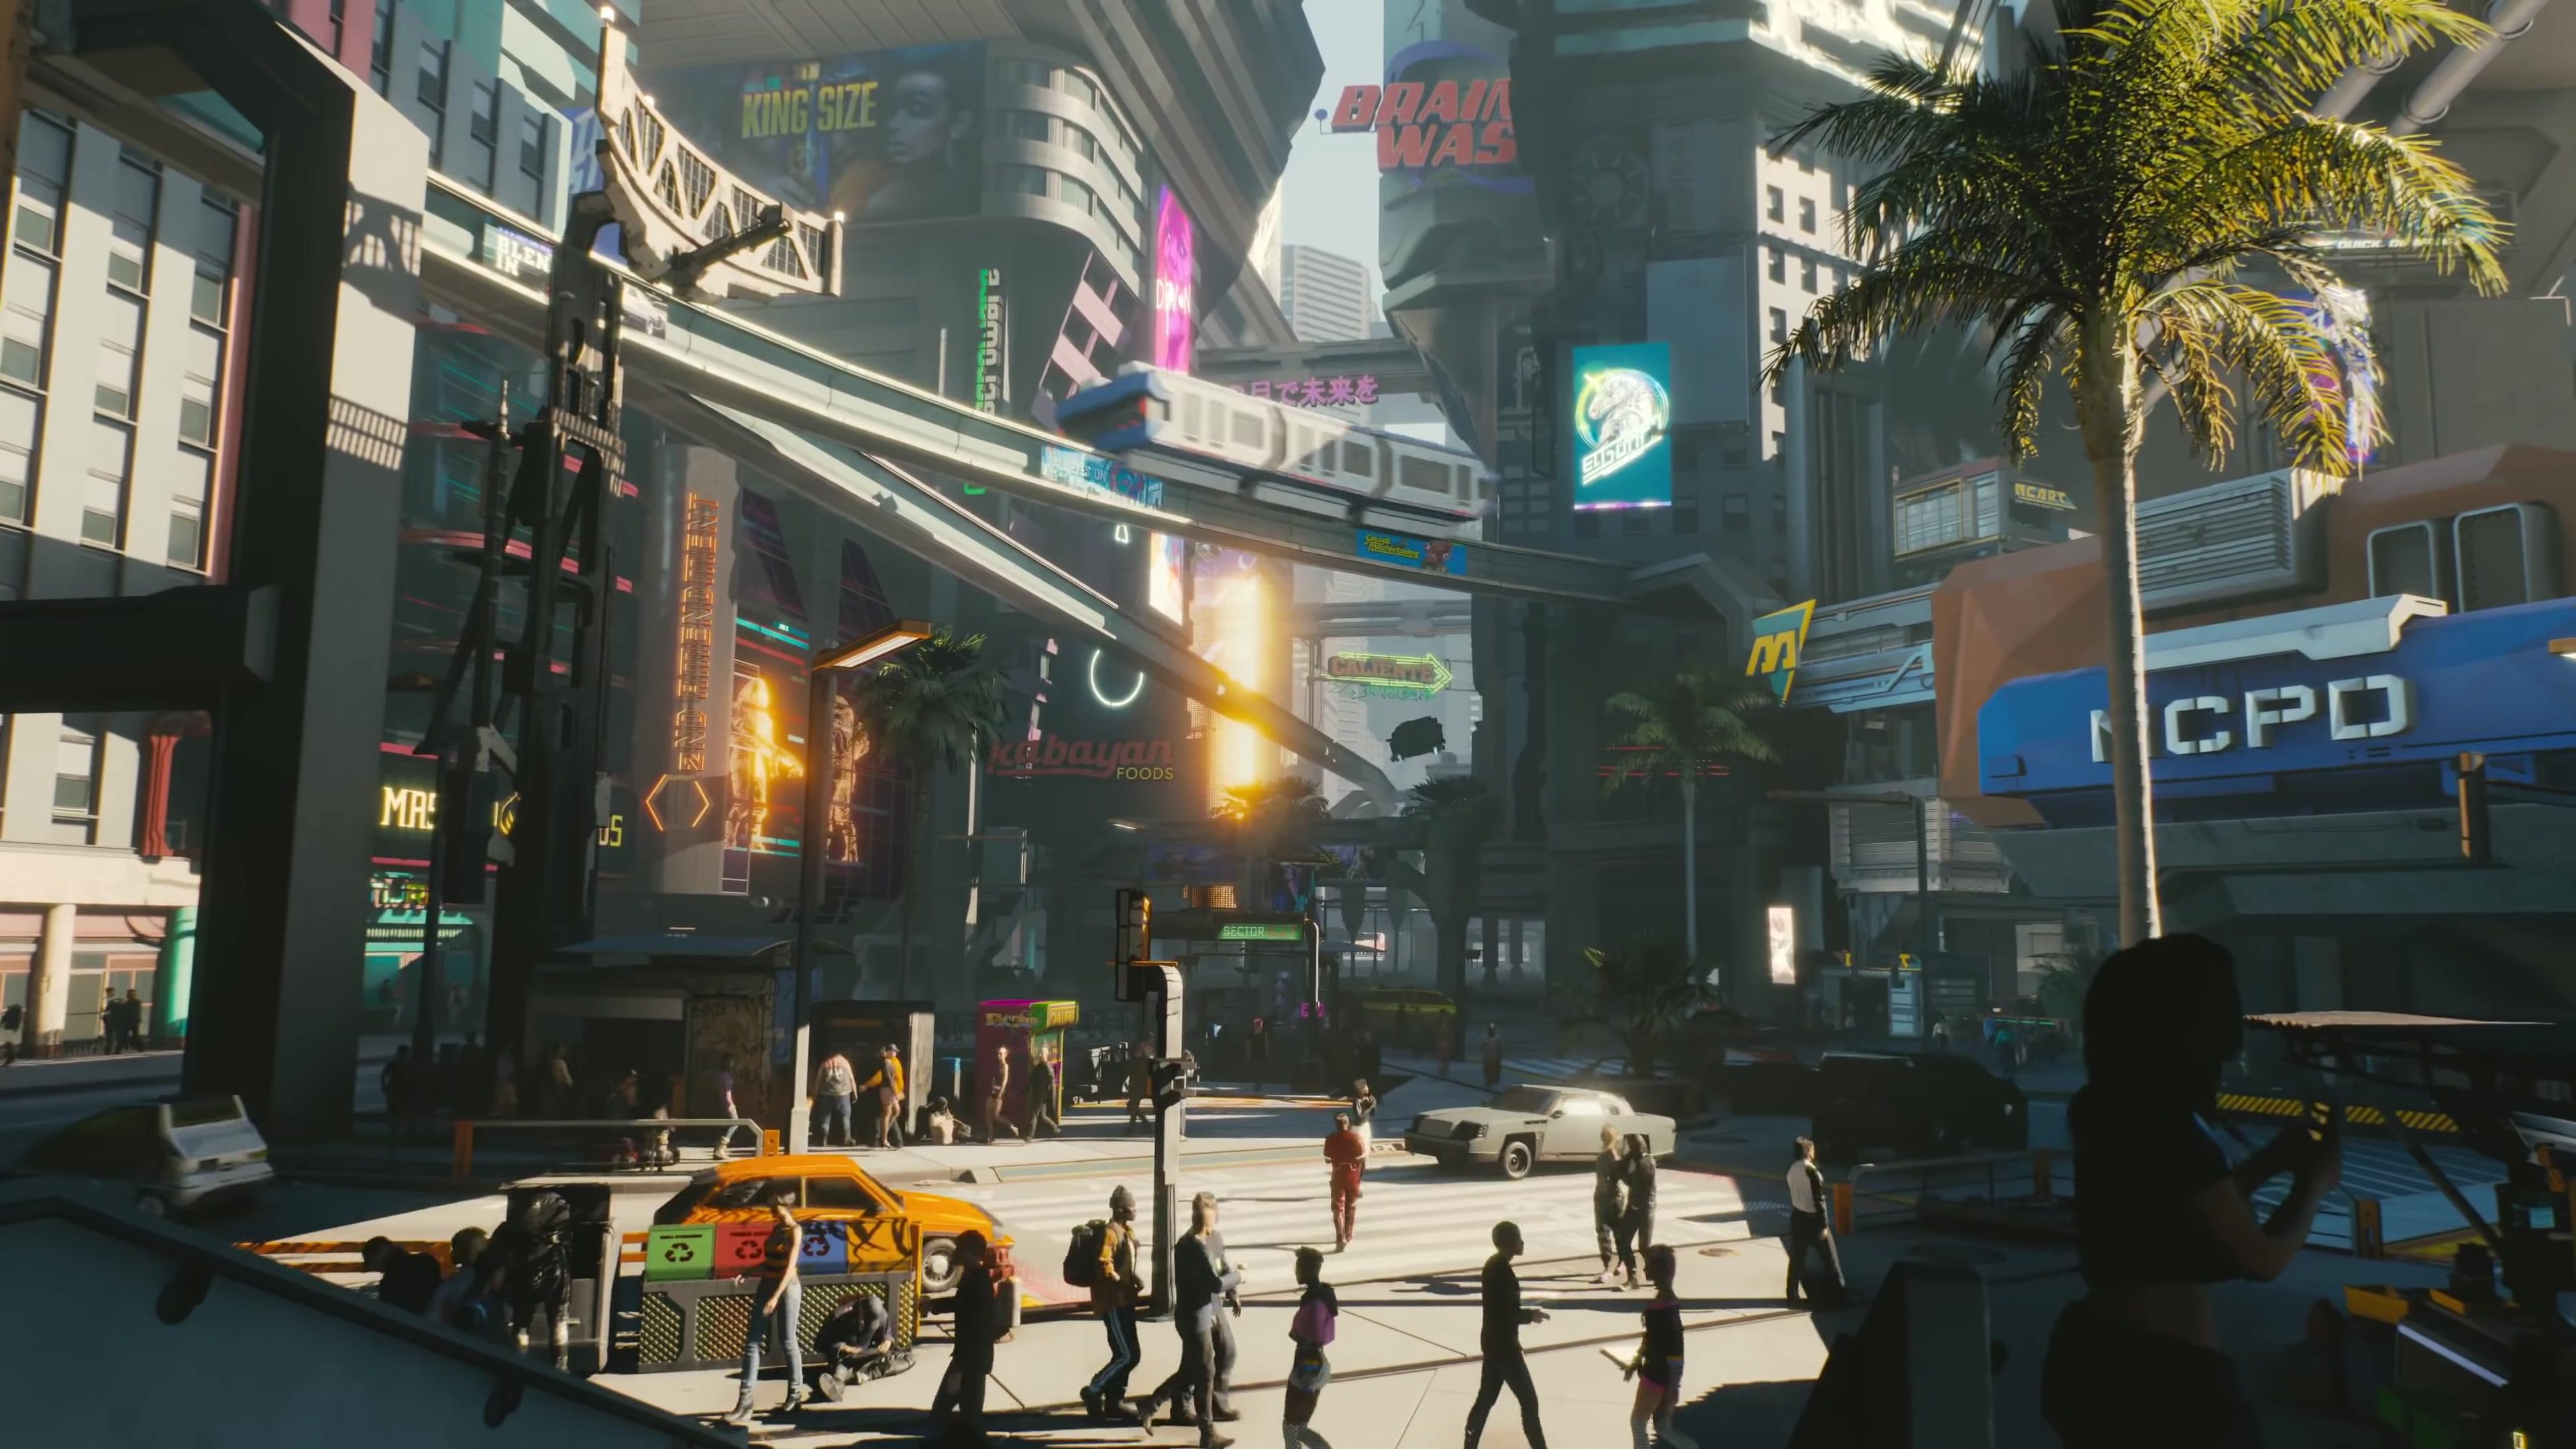 Cyberpunk 2077 027.jpg - Cyberpunk 2077